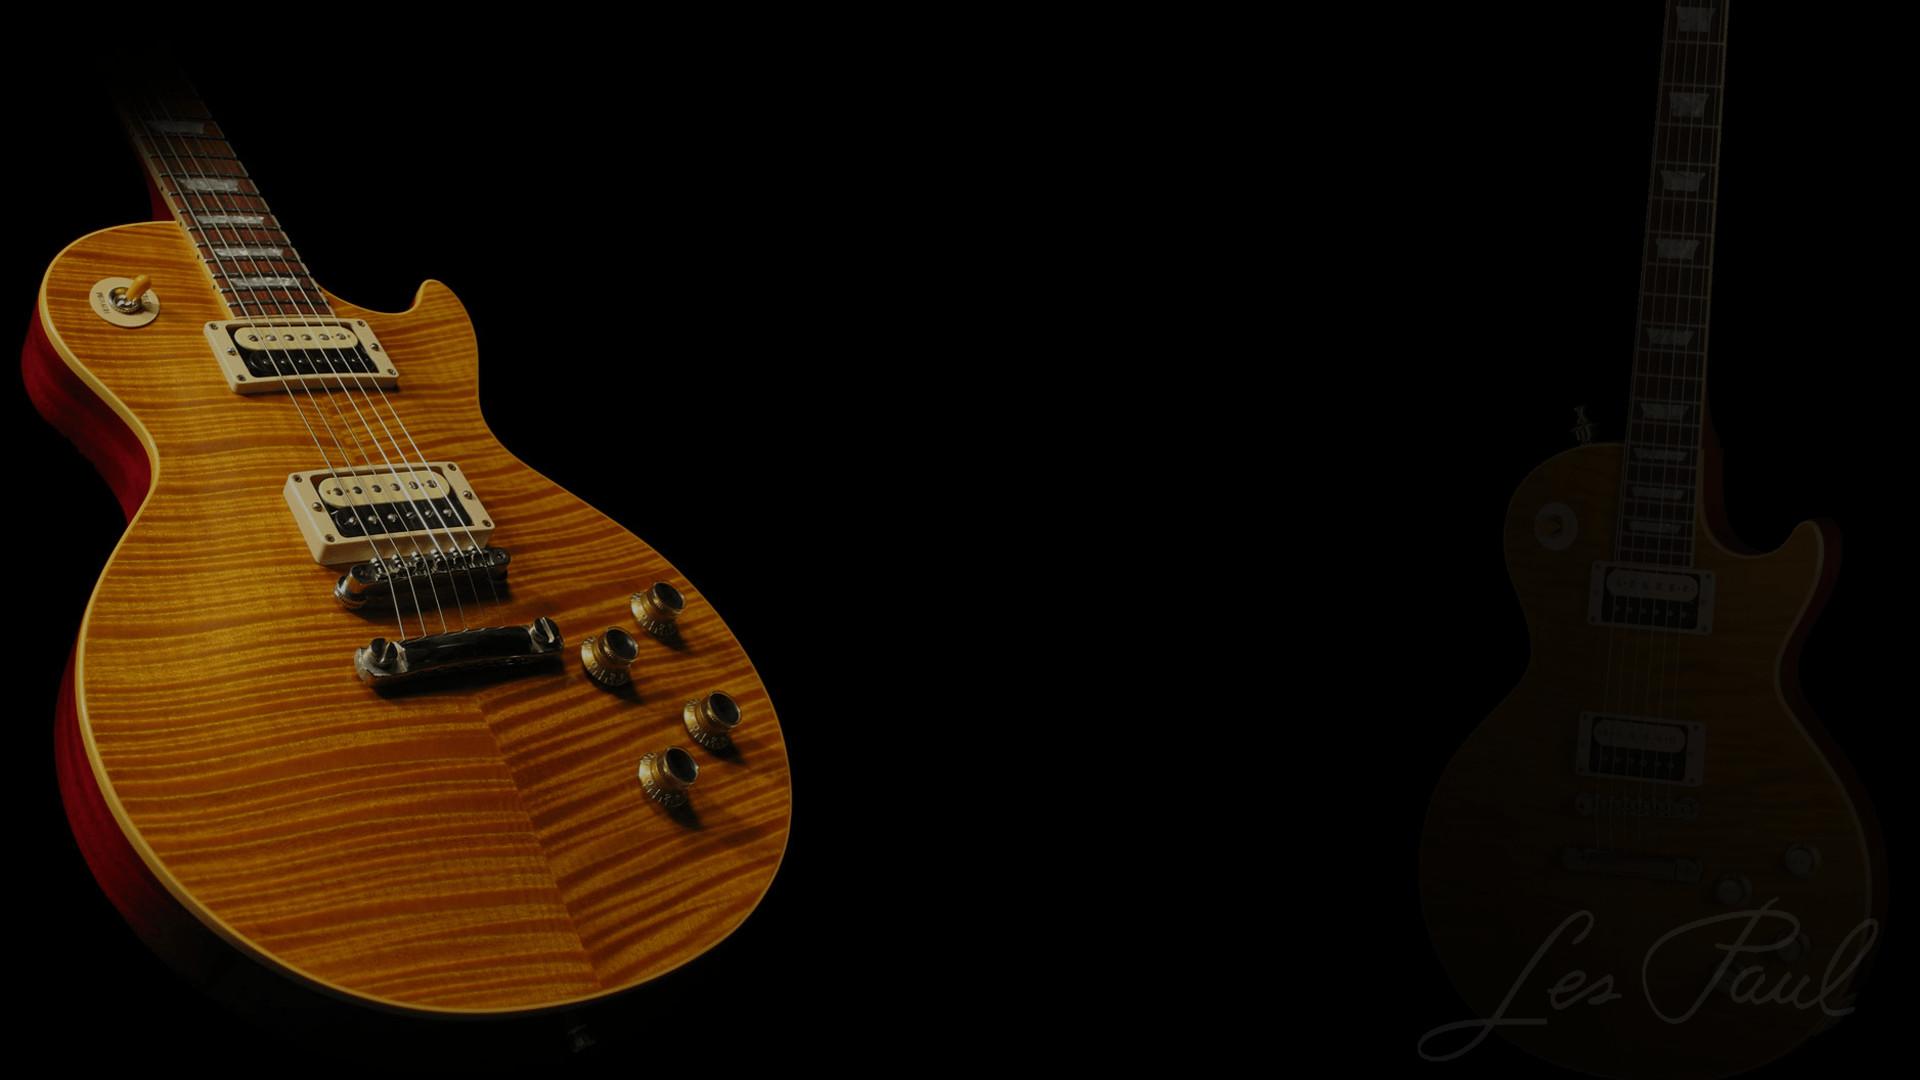 Les Paul Guitar Wallpaper ①